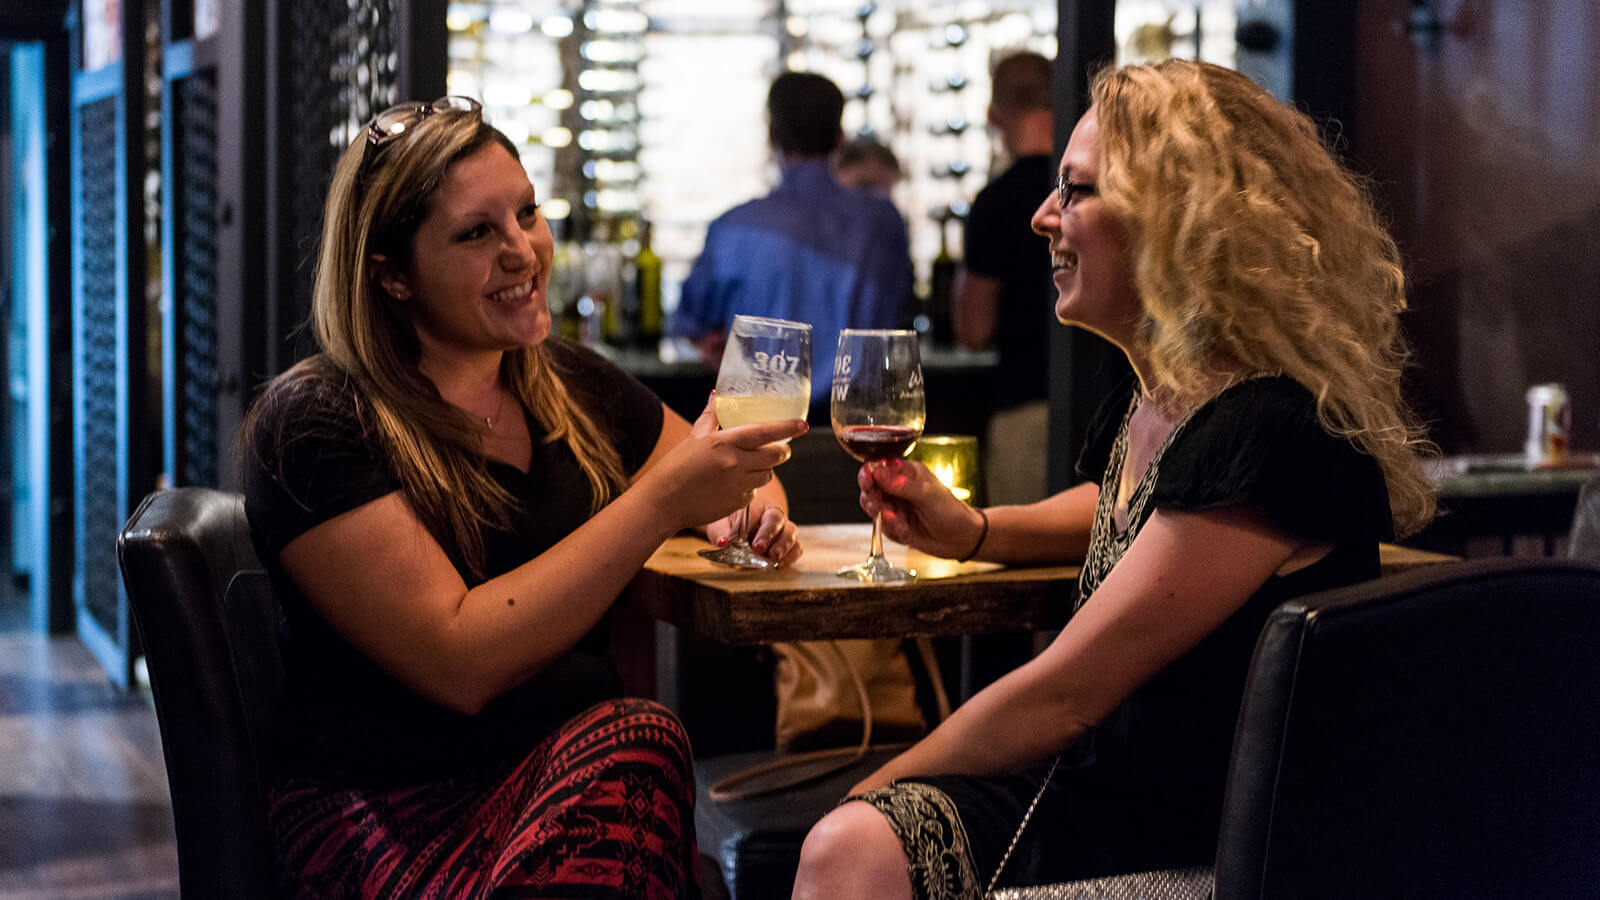 patrons at winery